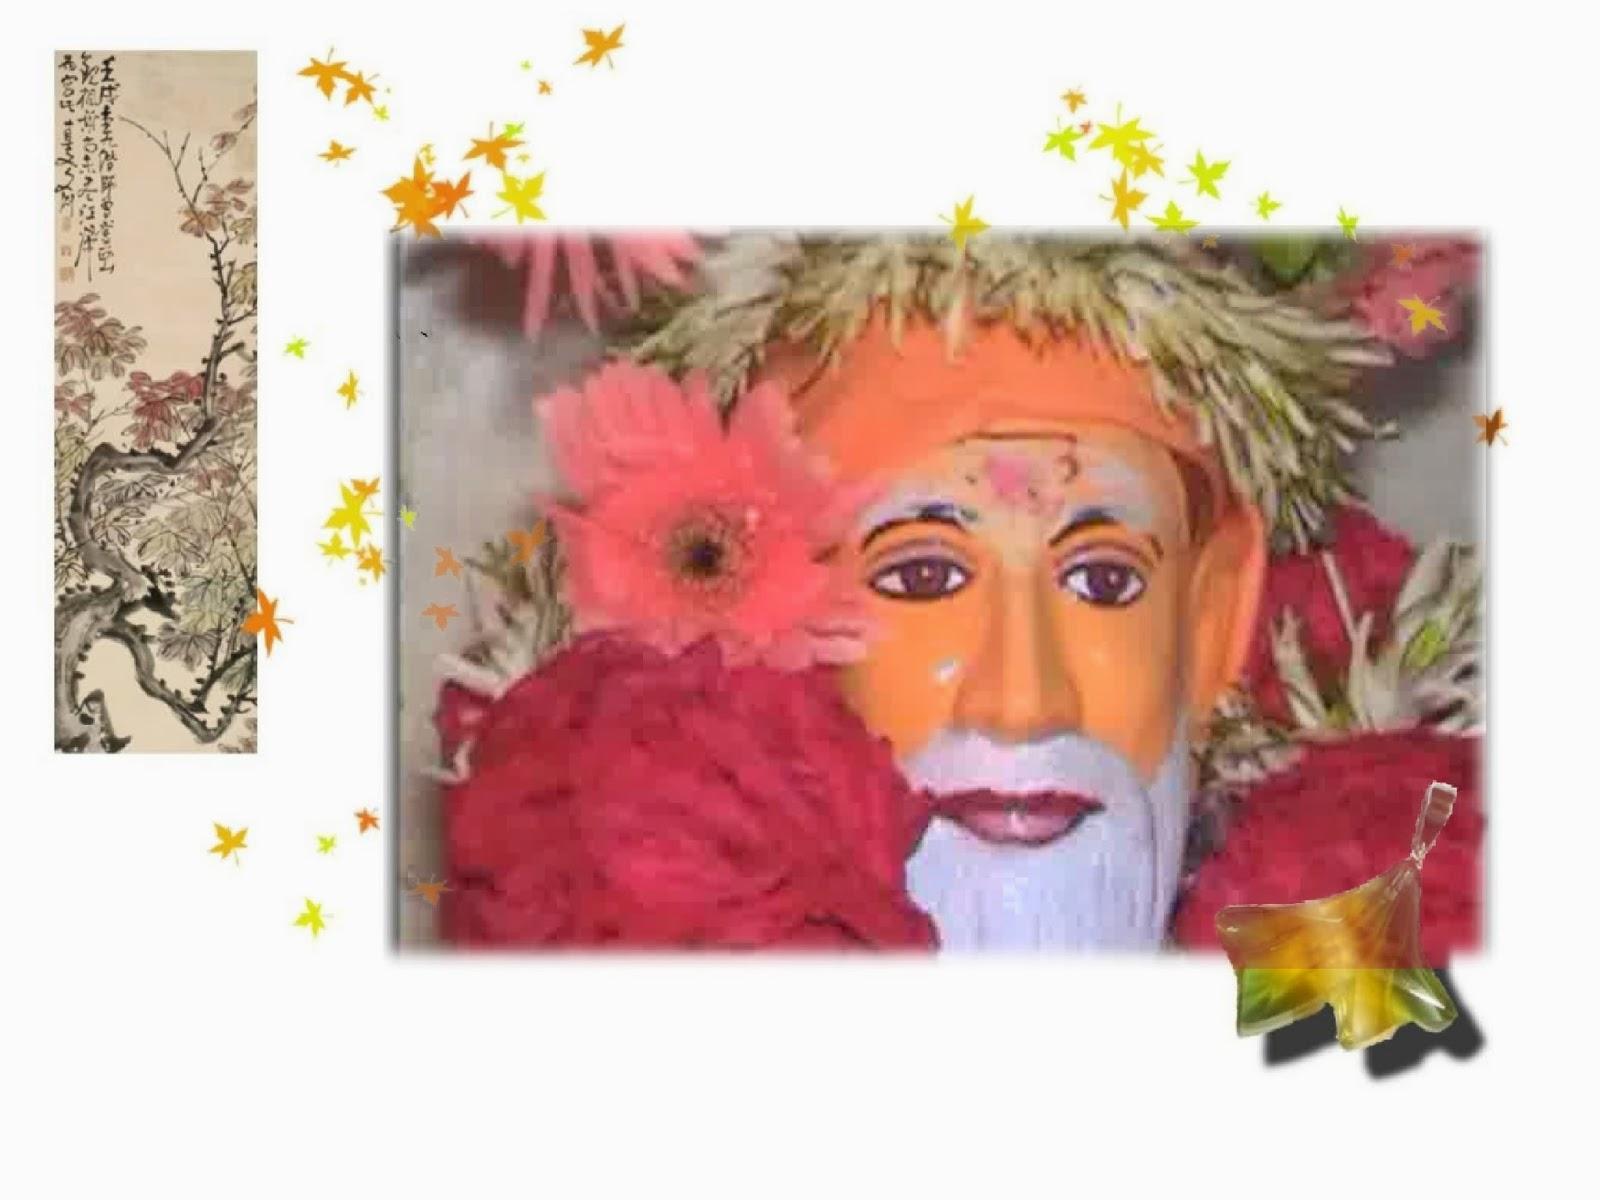 Sage-hardattpuri-bapu-bavaji-bapu-hardattpari-bapu-hardatt-puri-bapu-pari-bapu-gondal-movaiya-gam-movaiya-vilega-sage-bapu-pari-kuber-pari-bapu-gondal-rajkot-gujarat-india-bavan-gaj-ni-dhaja-52-mitaras-fleag